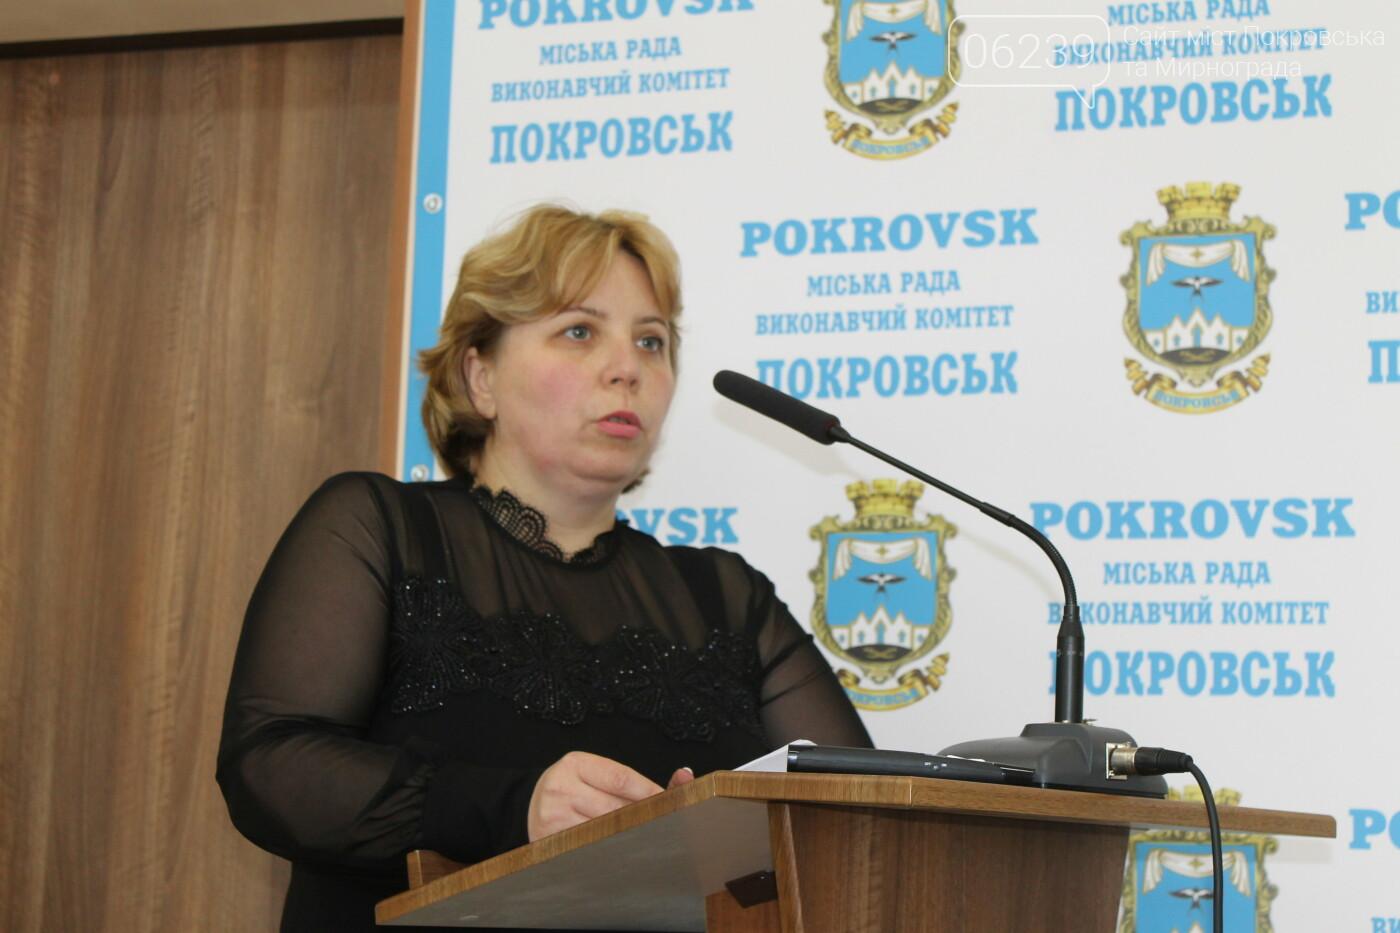 В Покровске в июне откроют инклюзивно-ресурсный центр, фото-1